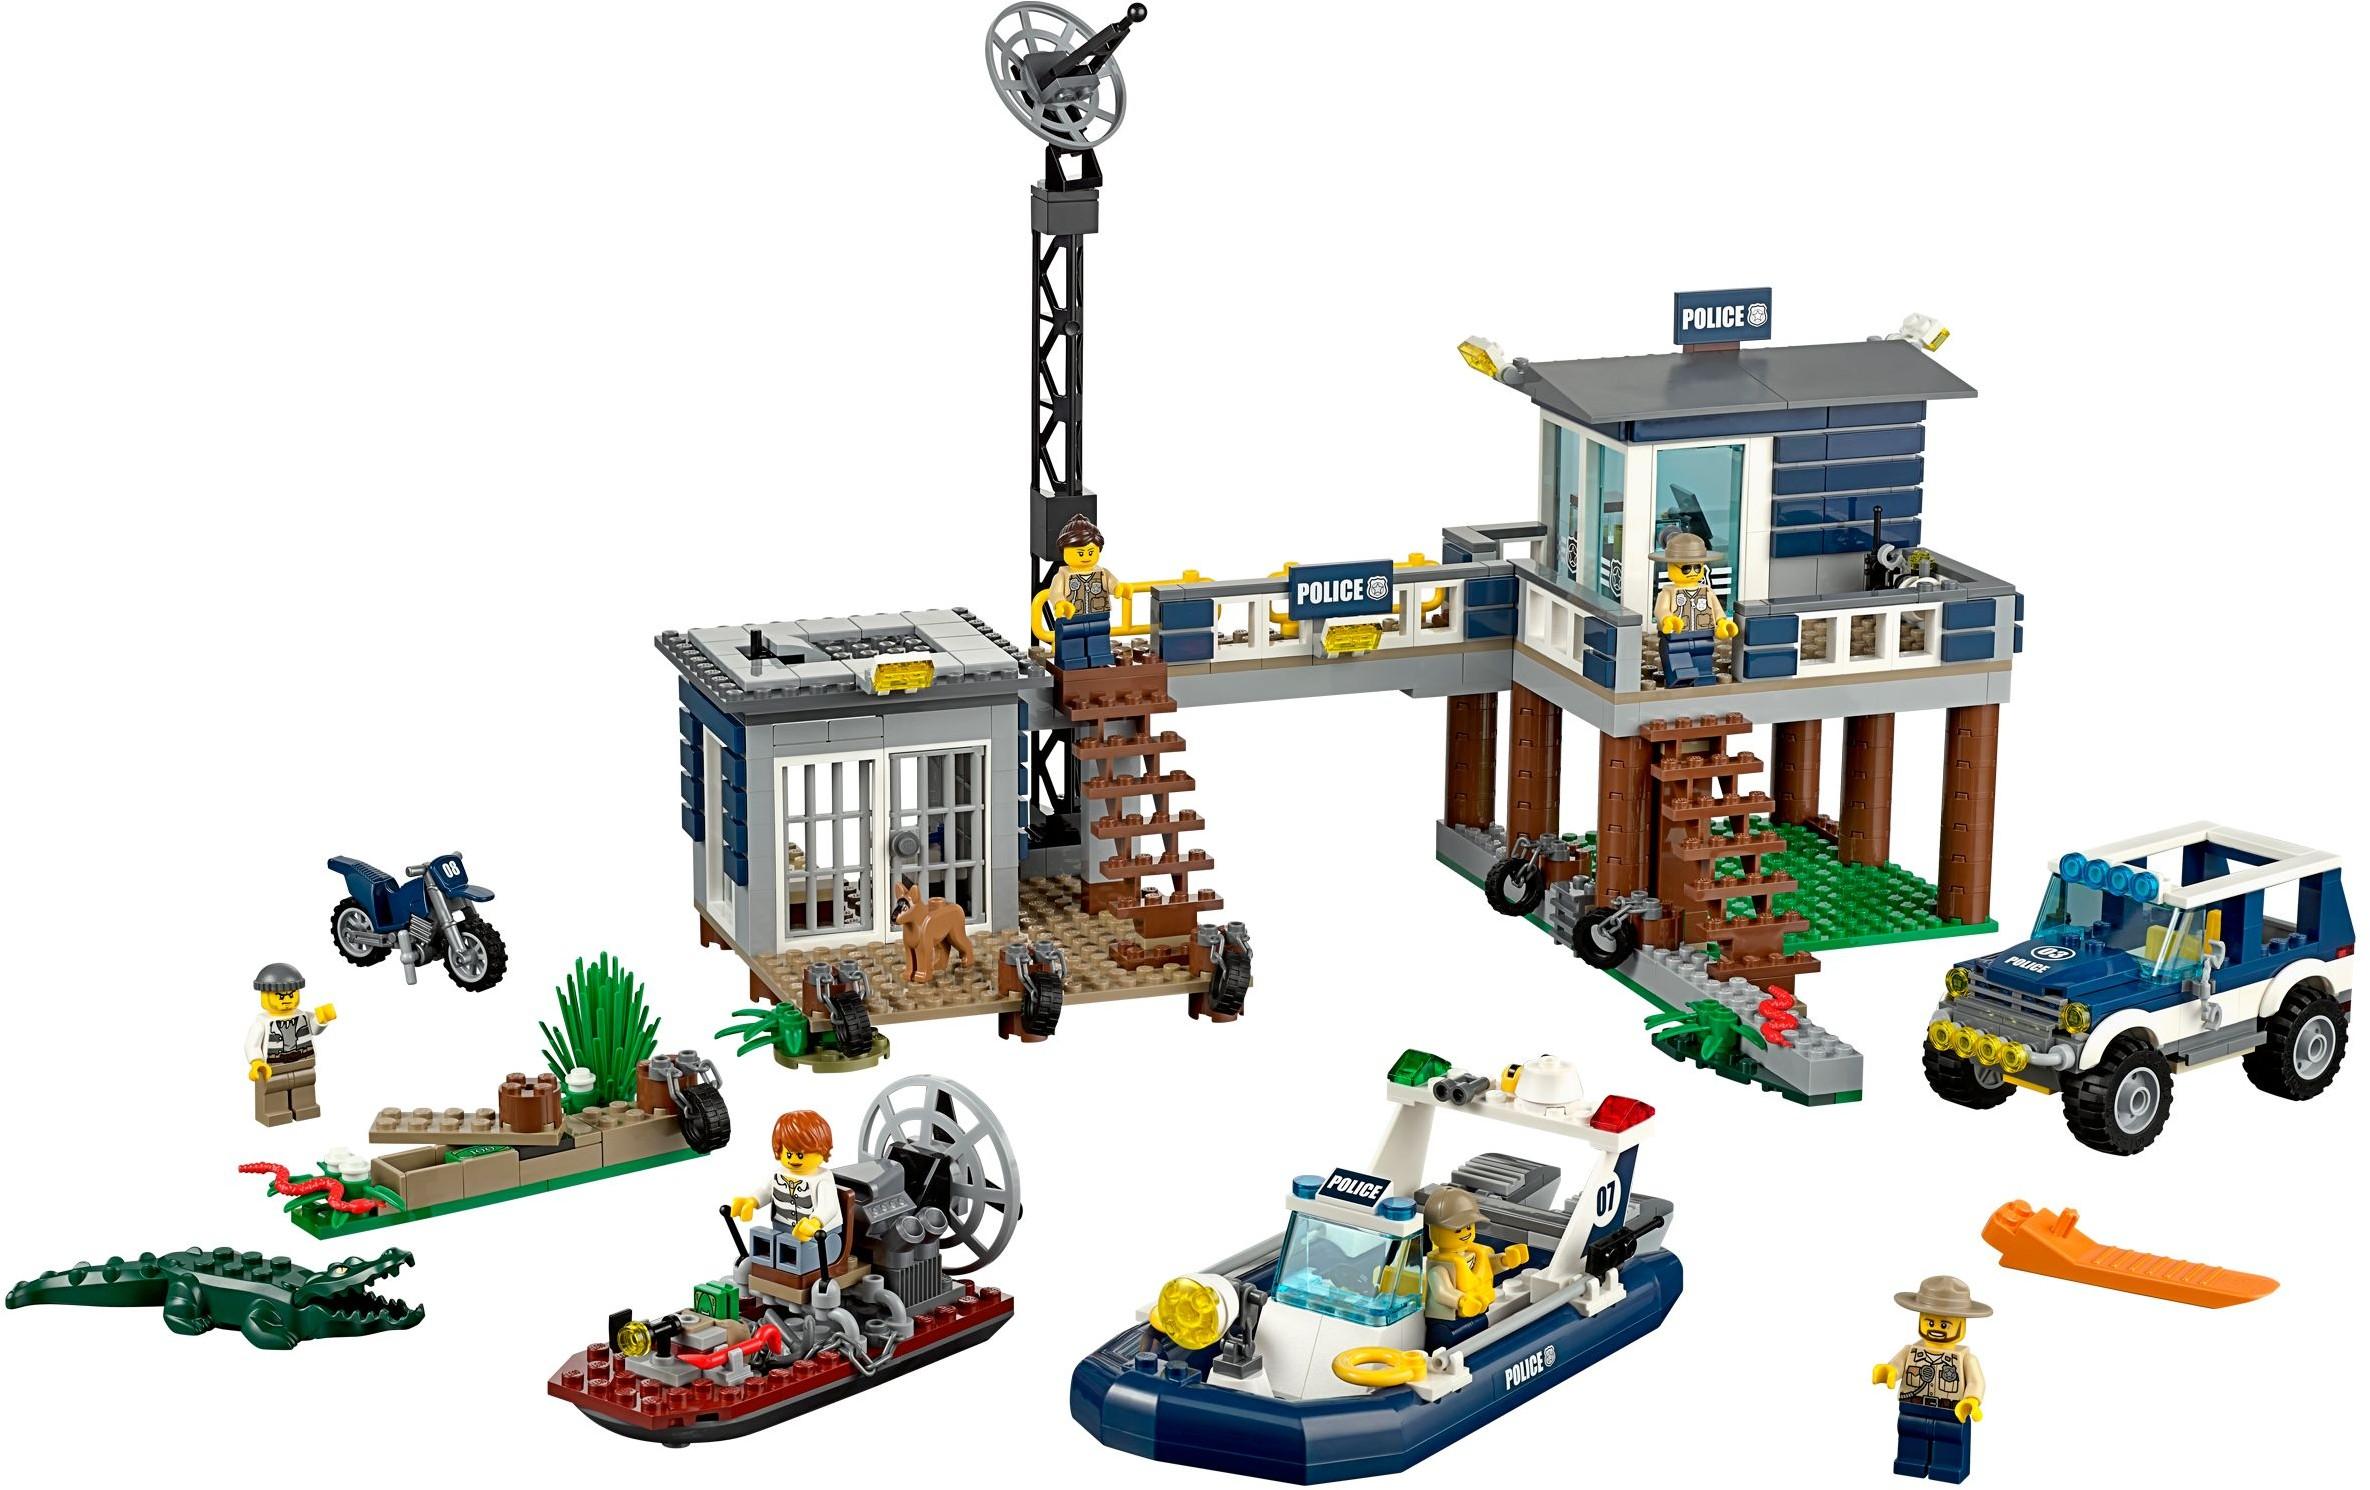 City2015 And Set Guide BricksetLego Database yN8vm0nwO